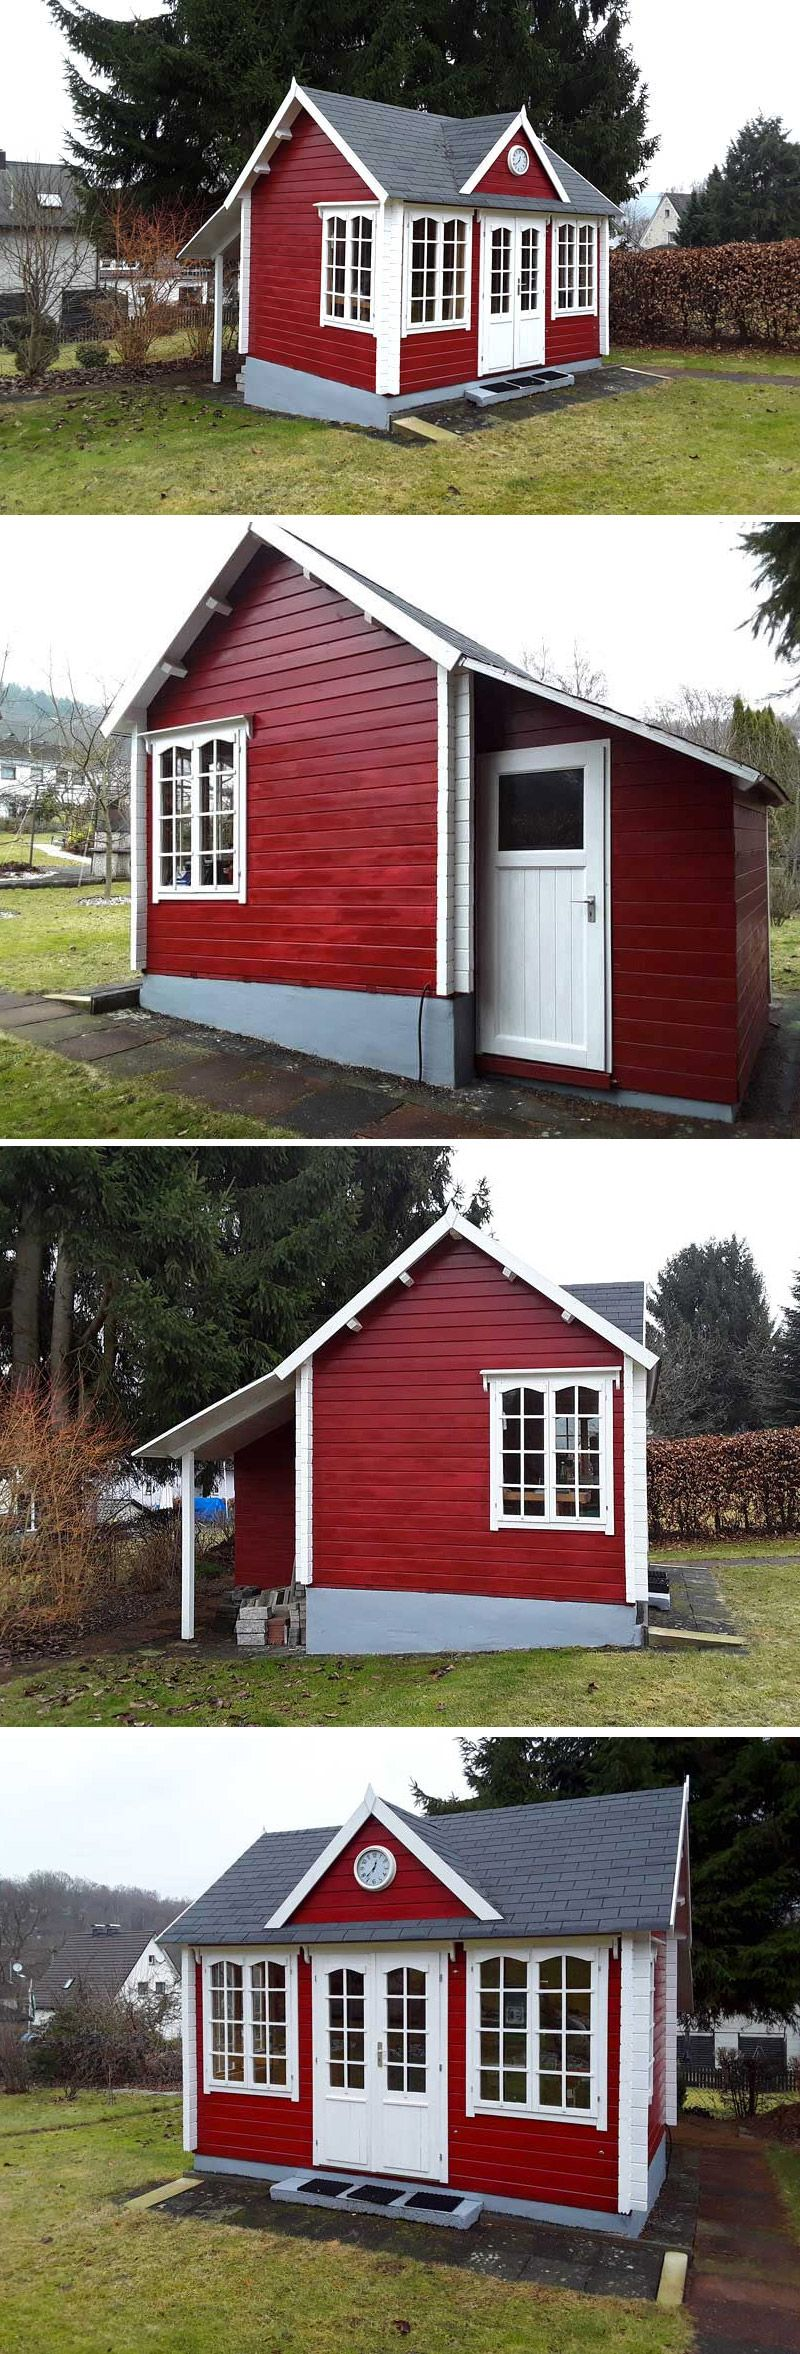 Clockhouse Mit Anbau Im Selbstbau So Toll Kann Es Aussehen Gartenhaus Selber Bauen Haus Und Gartenhaus